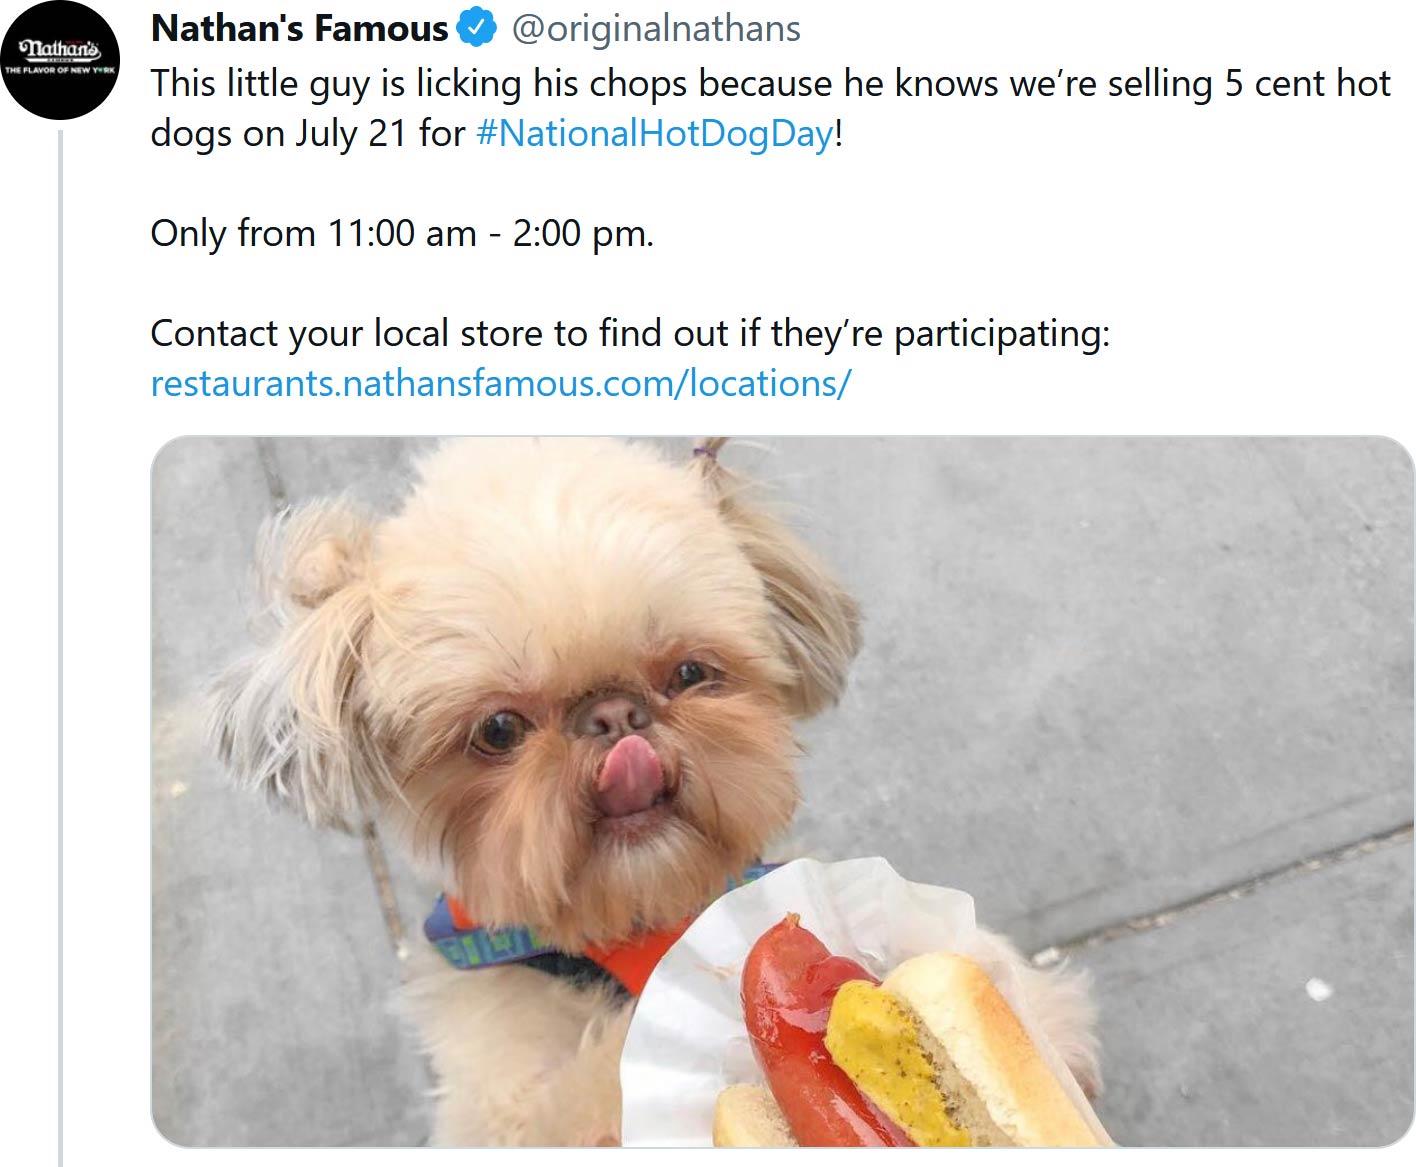 Nathans Famous restaurants Coupon  .05 cent hot dogs Wednesday at Nathans Famous restaurants #nathansfamous